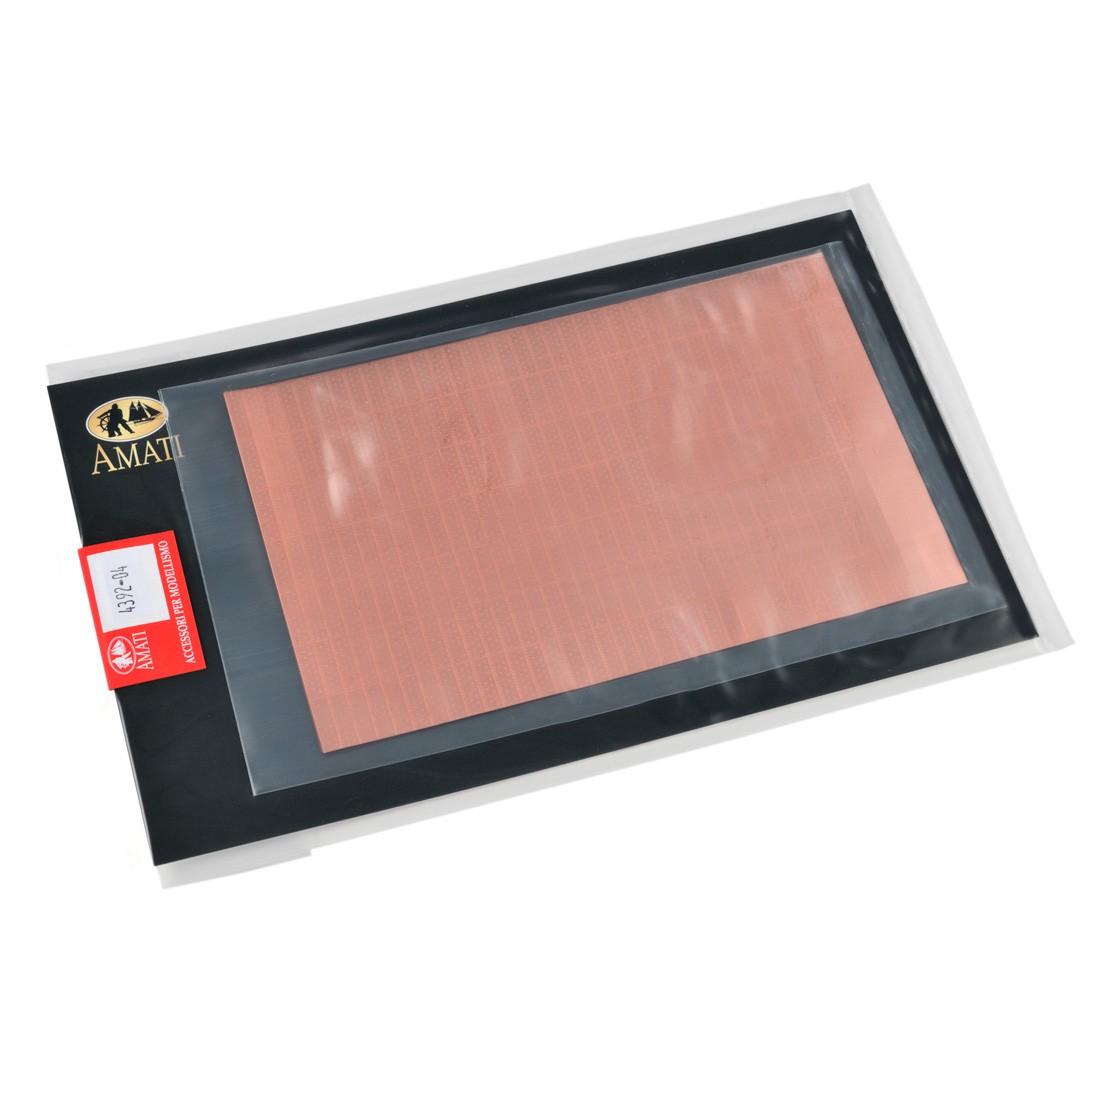 Plaques cuivre mm.5x17  set photodécoupé